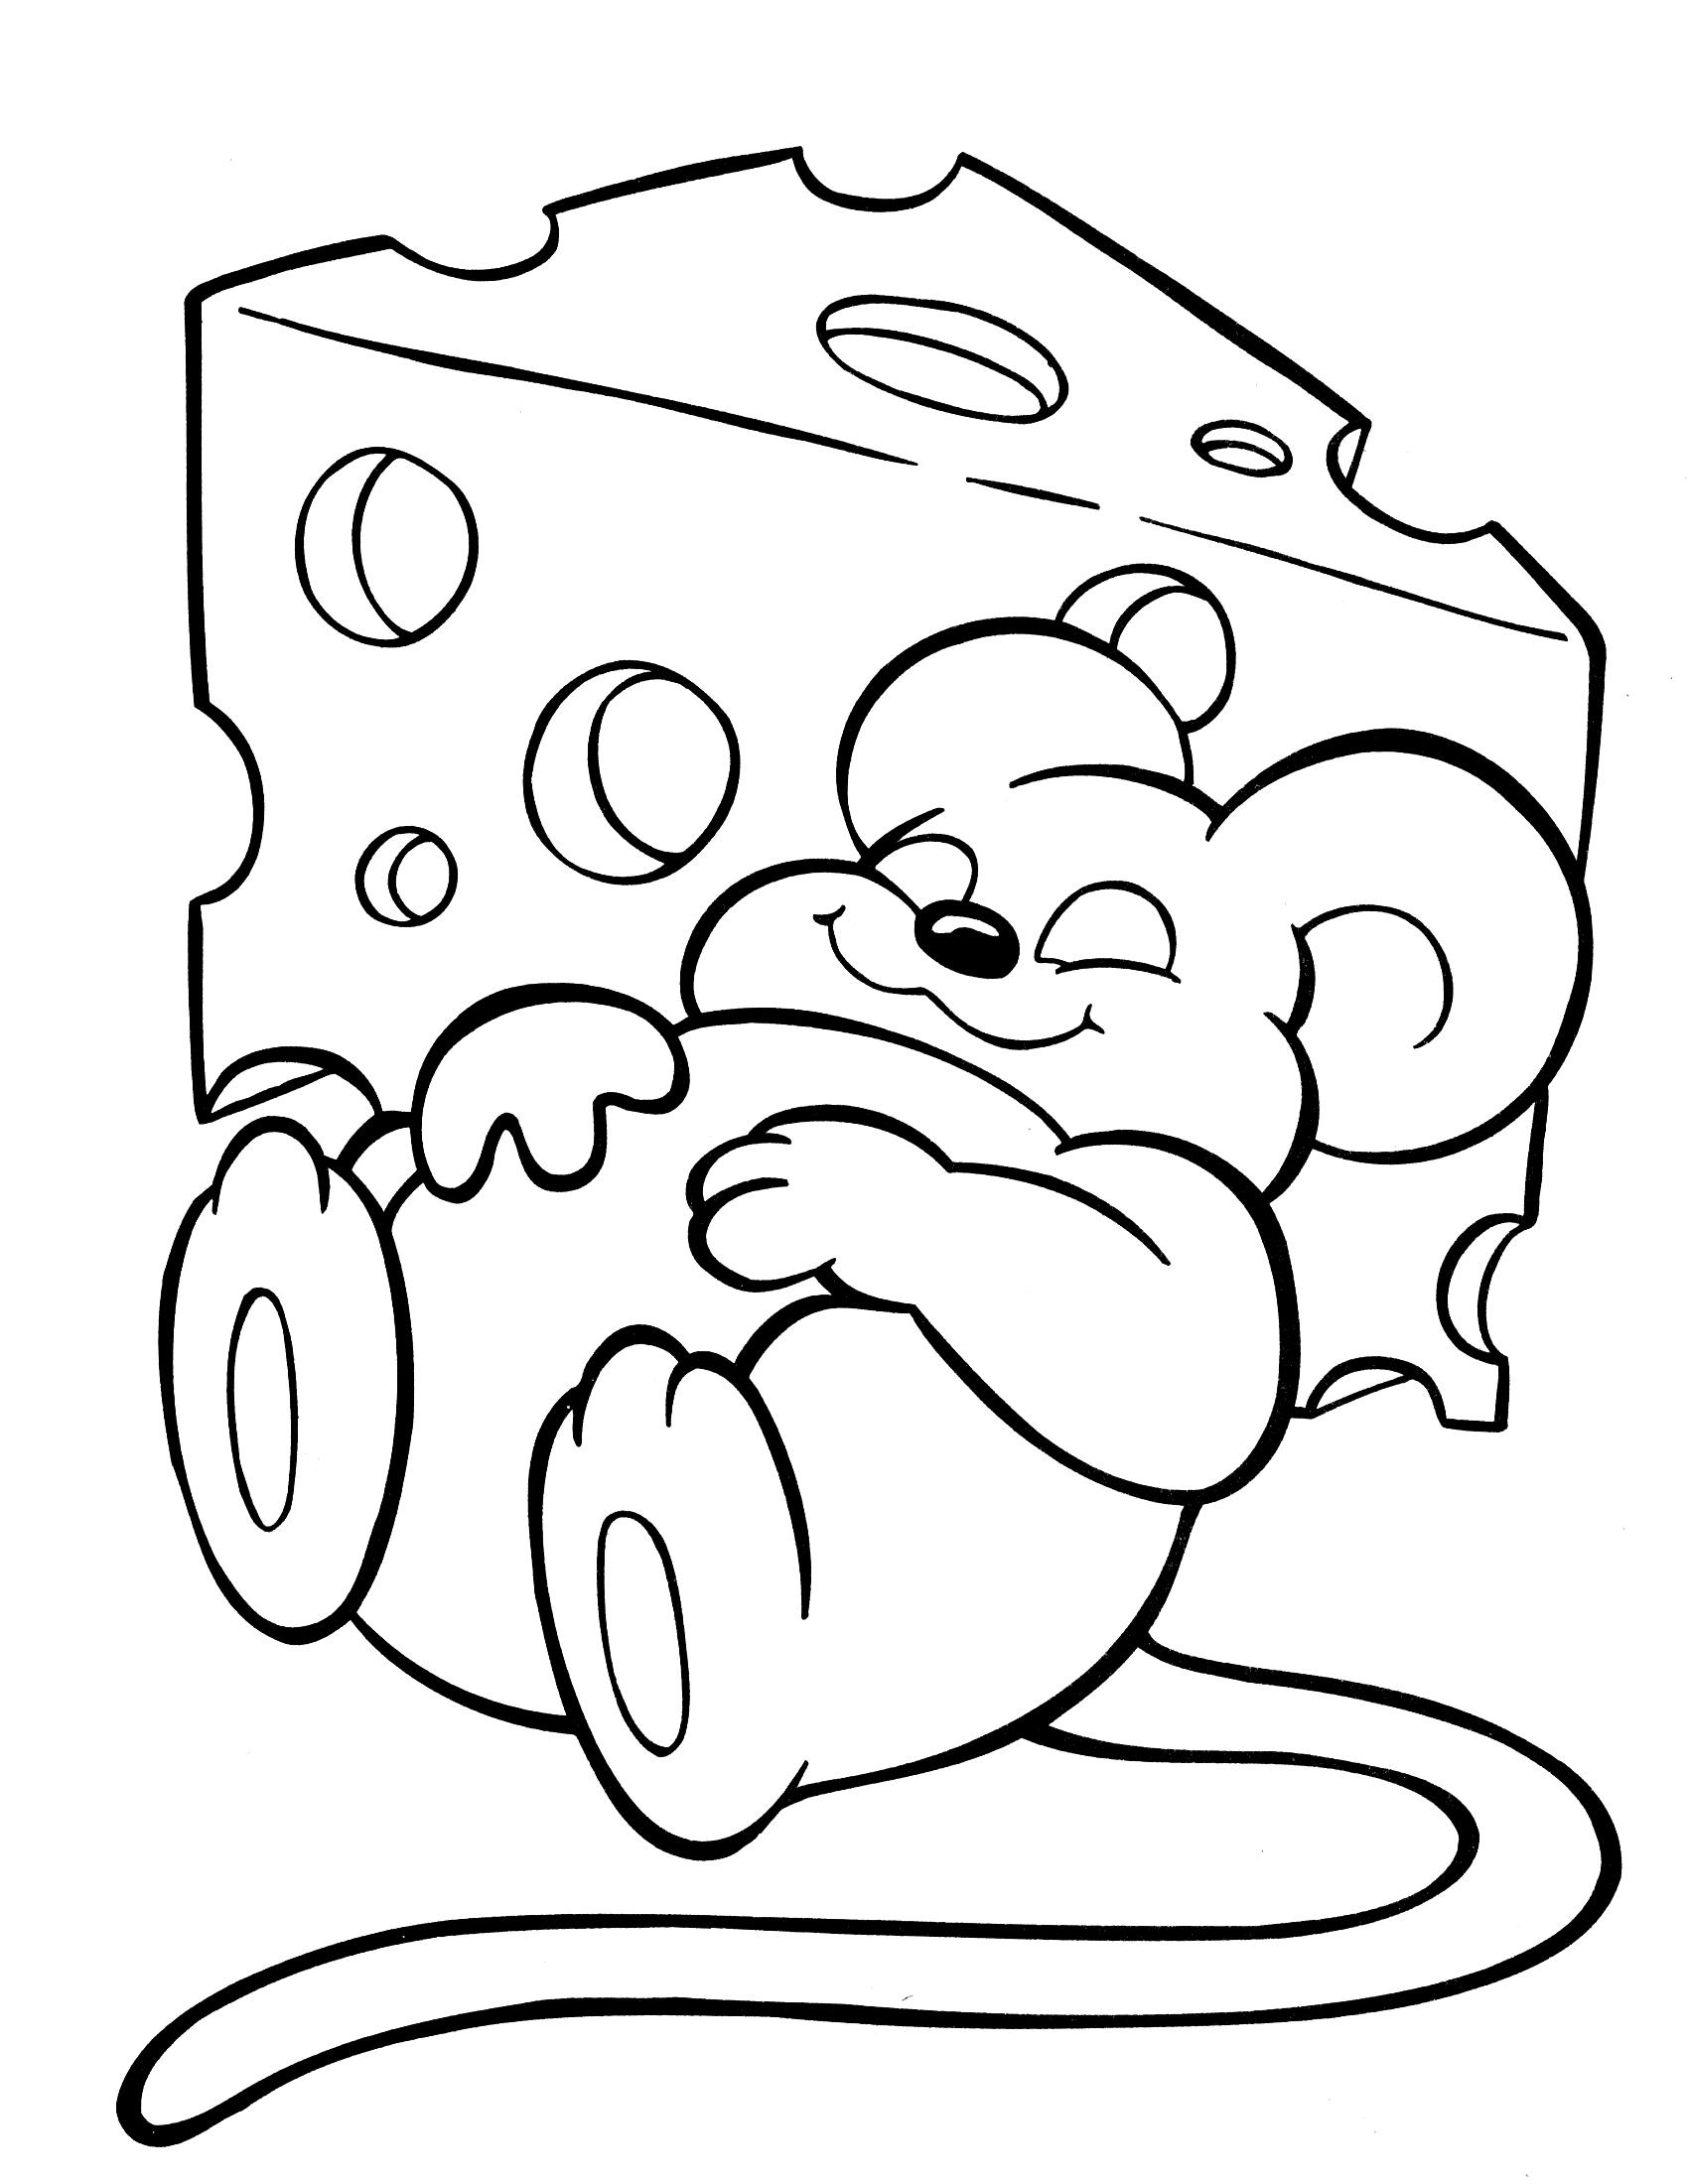 Crayola Drawing At Getdrawings